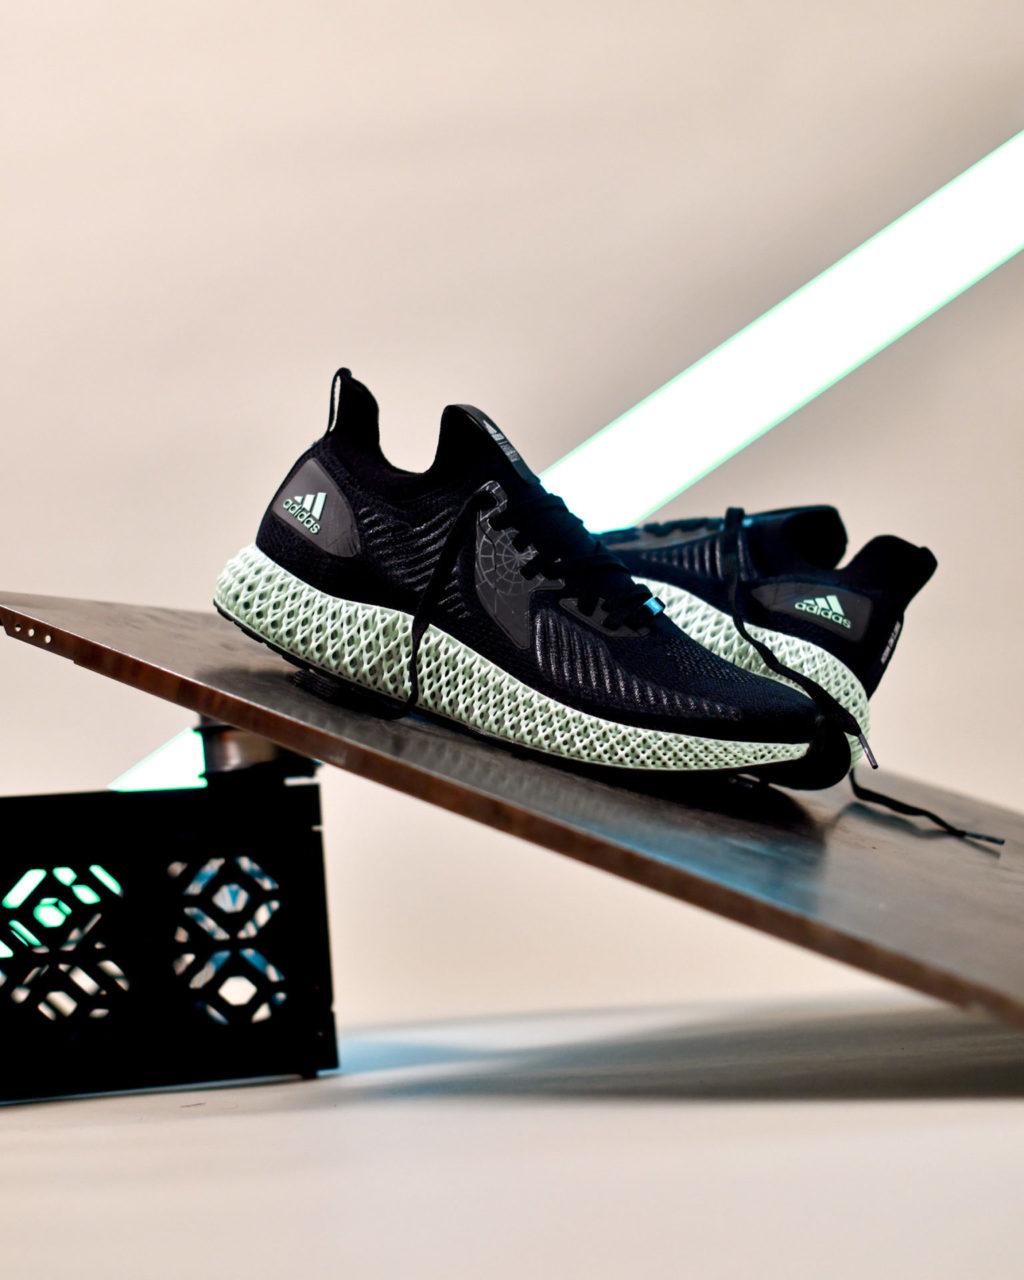 adidas x Star Wars Alphaedge 4D Death Star | 43einhalb Sneaker Store